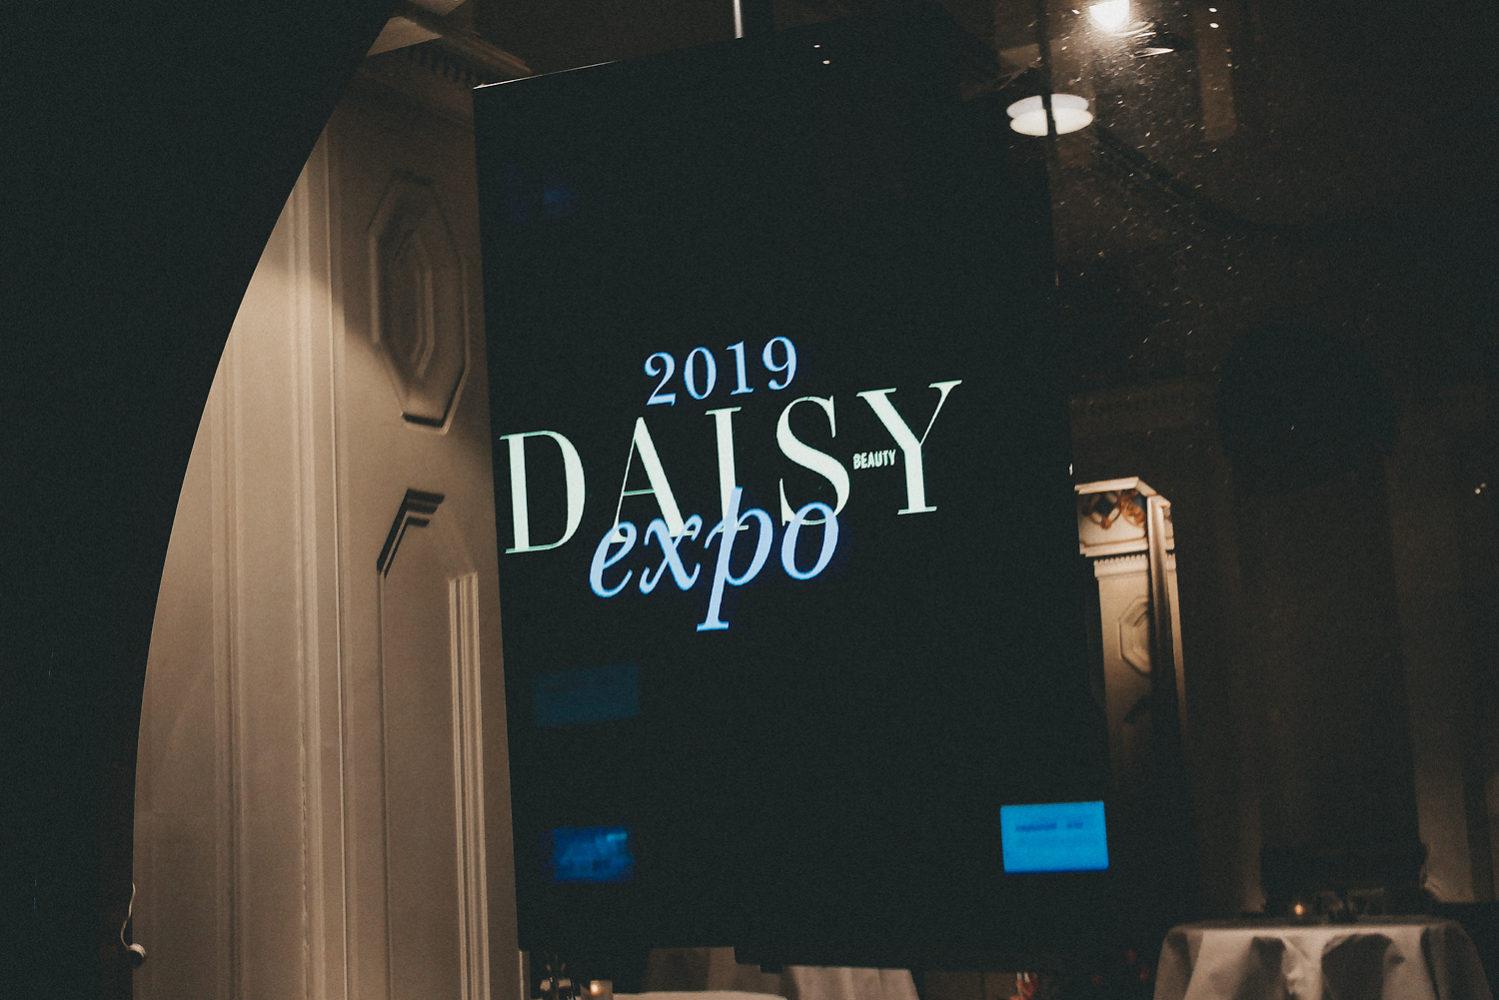 daisy beauty expo 2019